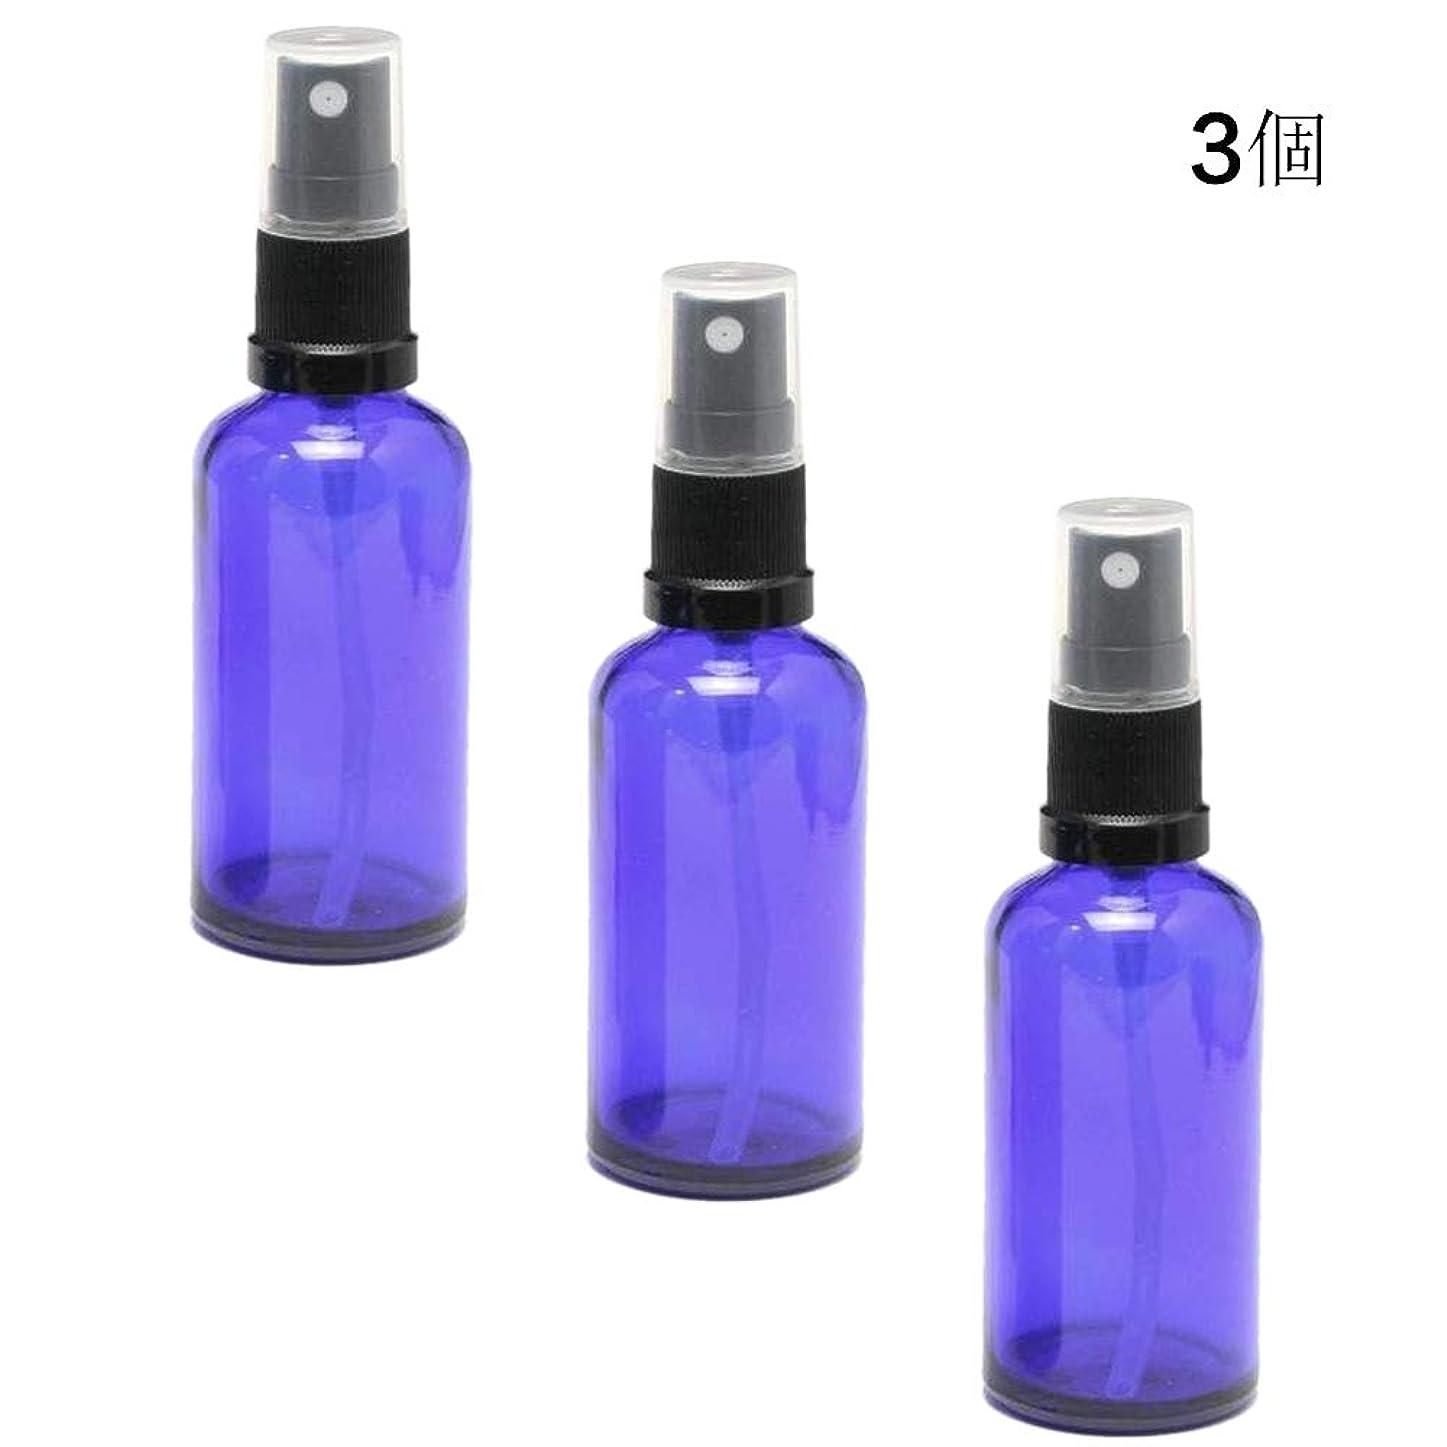 以上来て活力遮光瓶/スプレーボトル (アトマイザー) 50ml ブルー/ブラックヘッド 3本セット